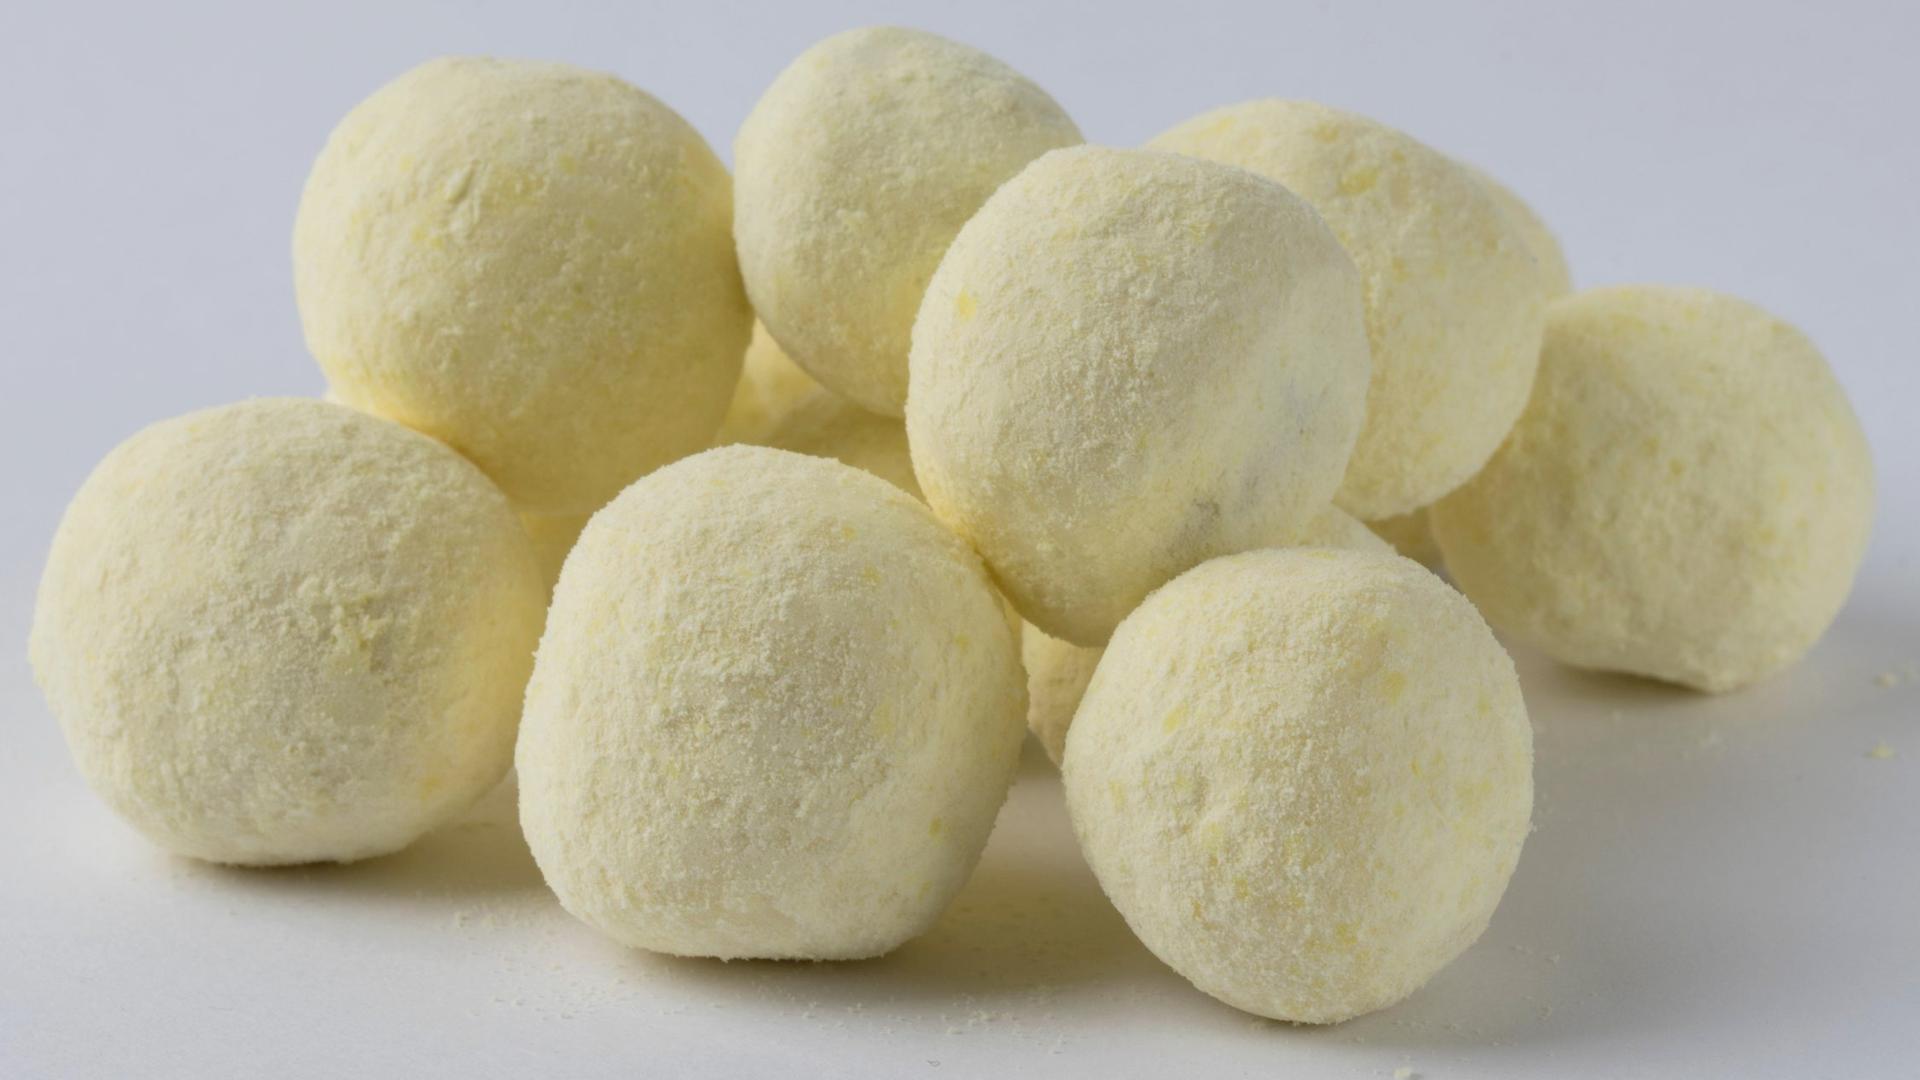 Des bonbons au citron sur un fond blanc